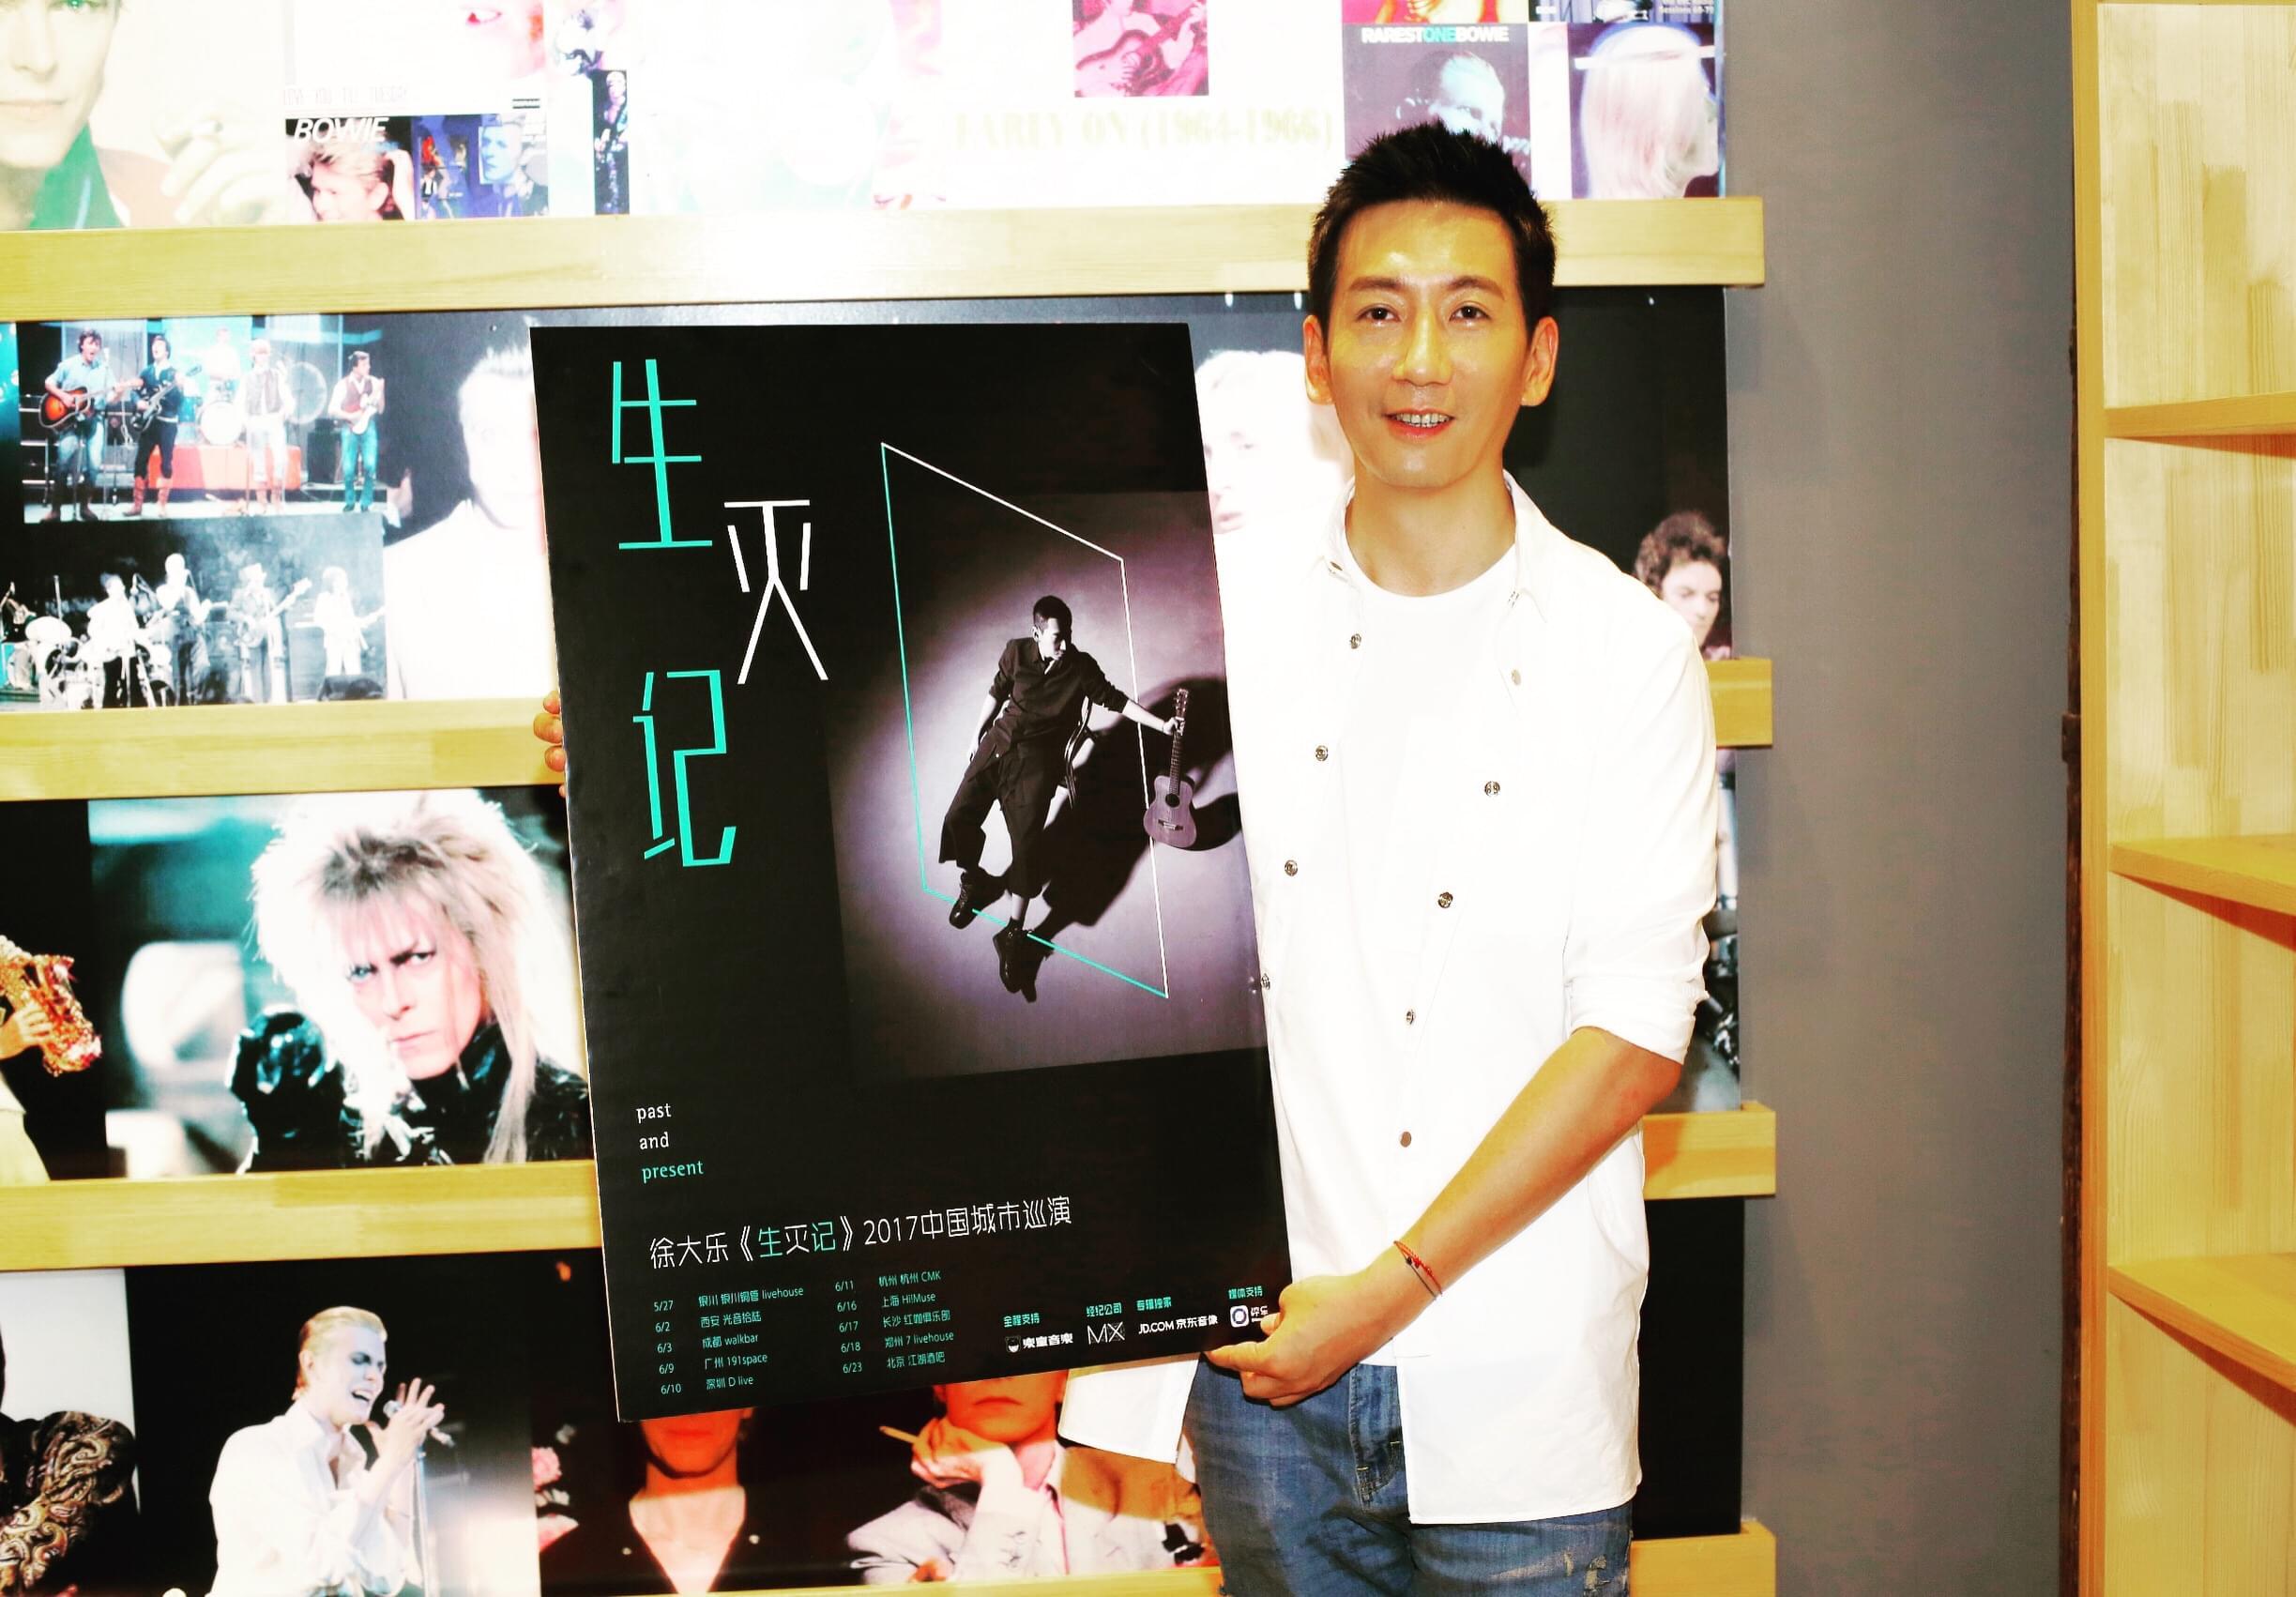 跨界民谣徐大乐办专辑发布会 将启动十城巡演